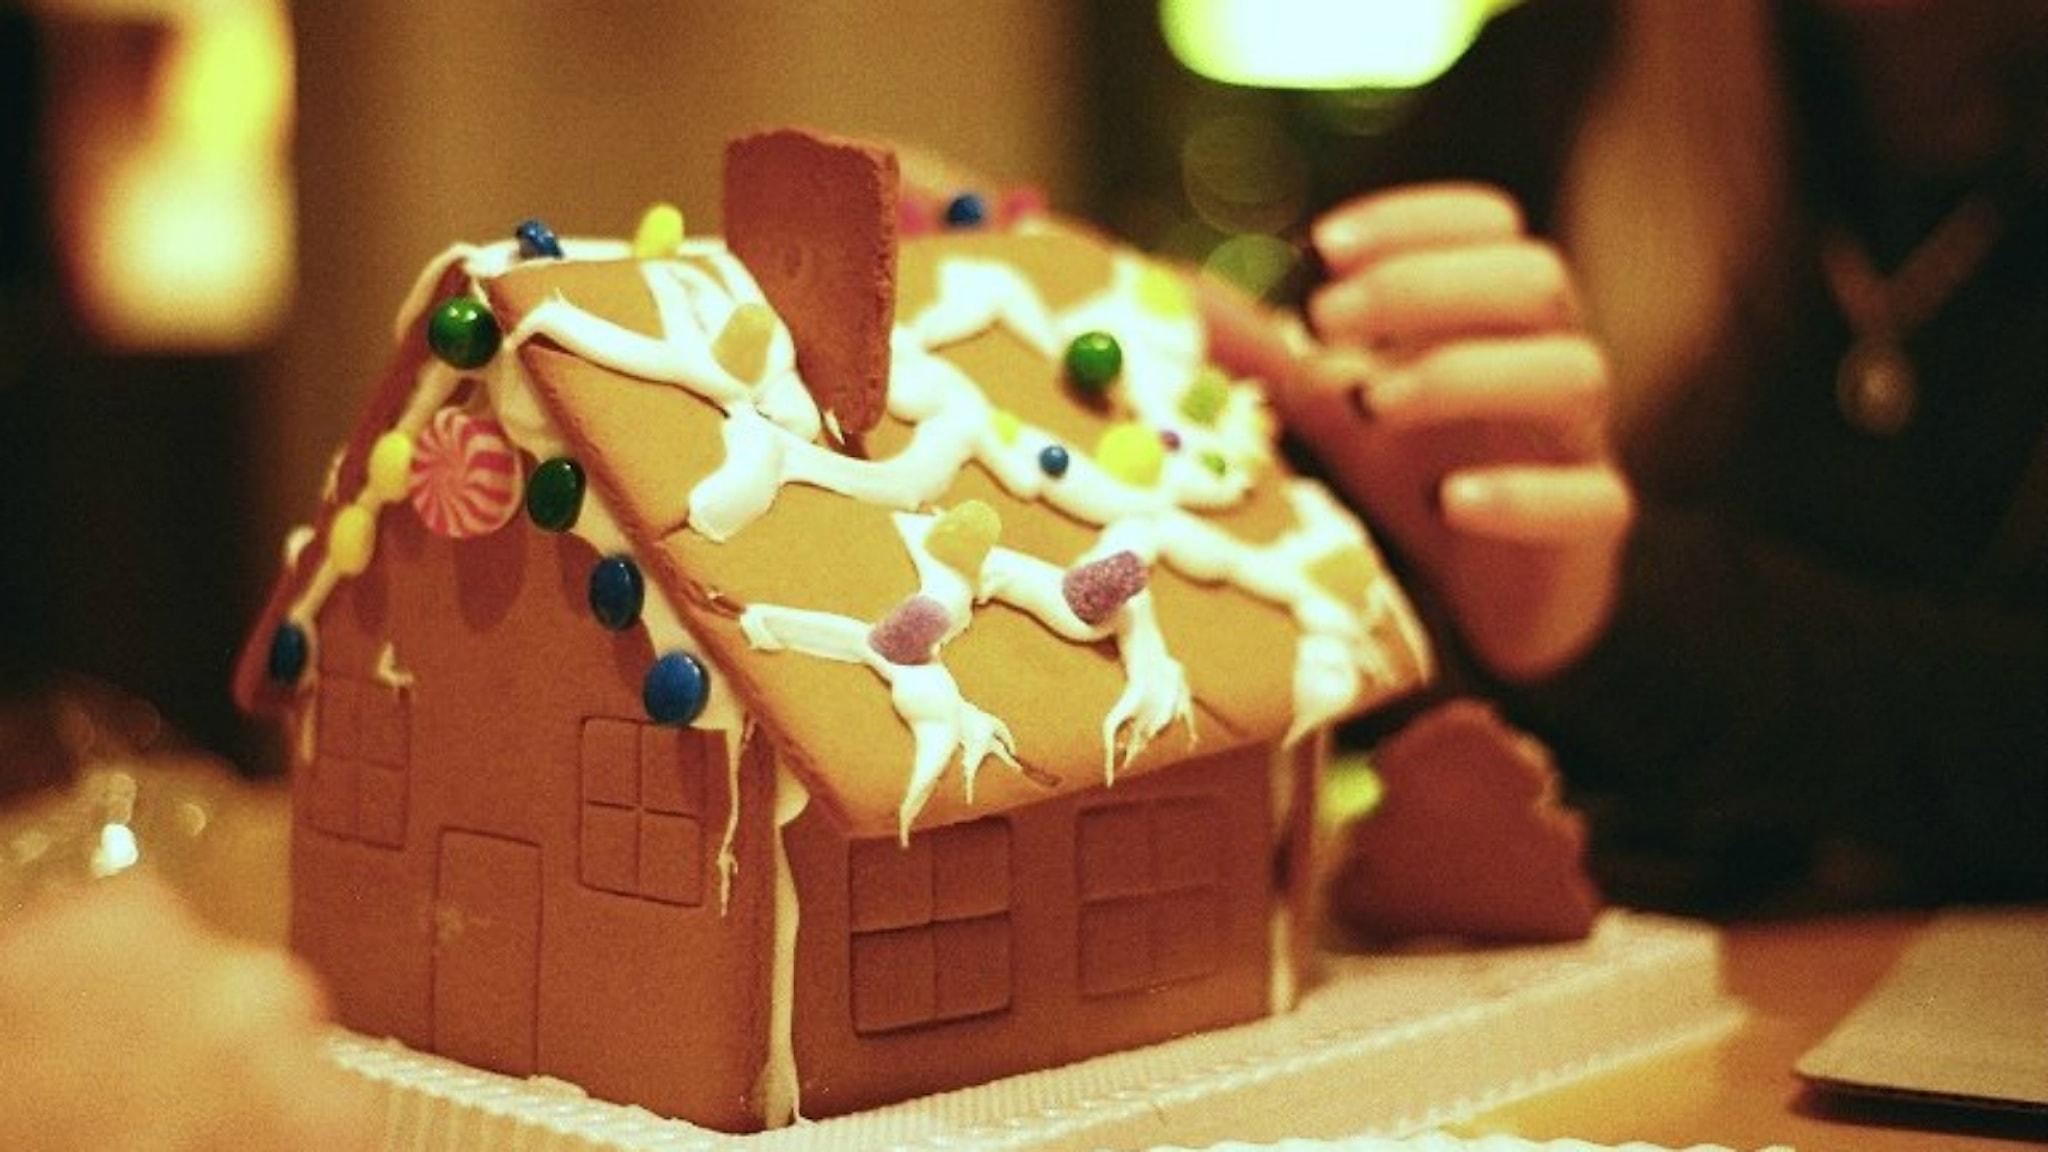 Valmistaudutko sinä jouluun leipomalla pipareita? Foto: Mike Poresky/flickr/CC by 2.0